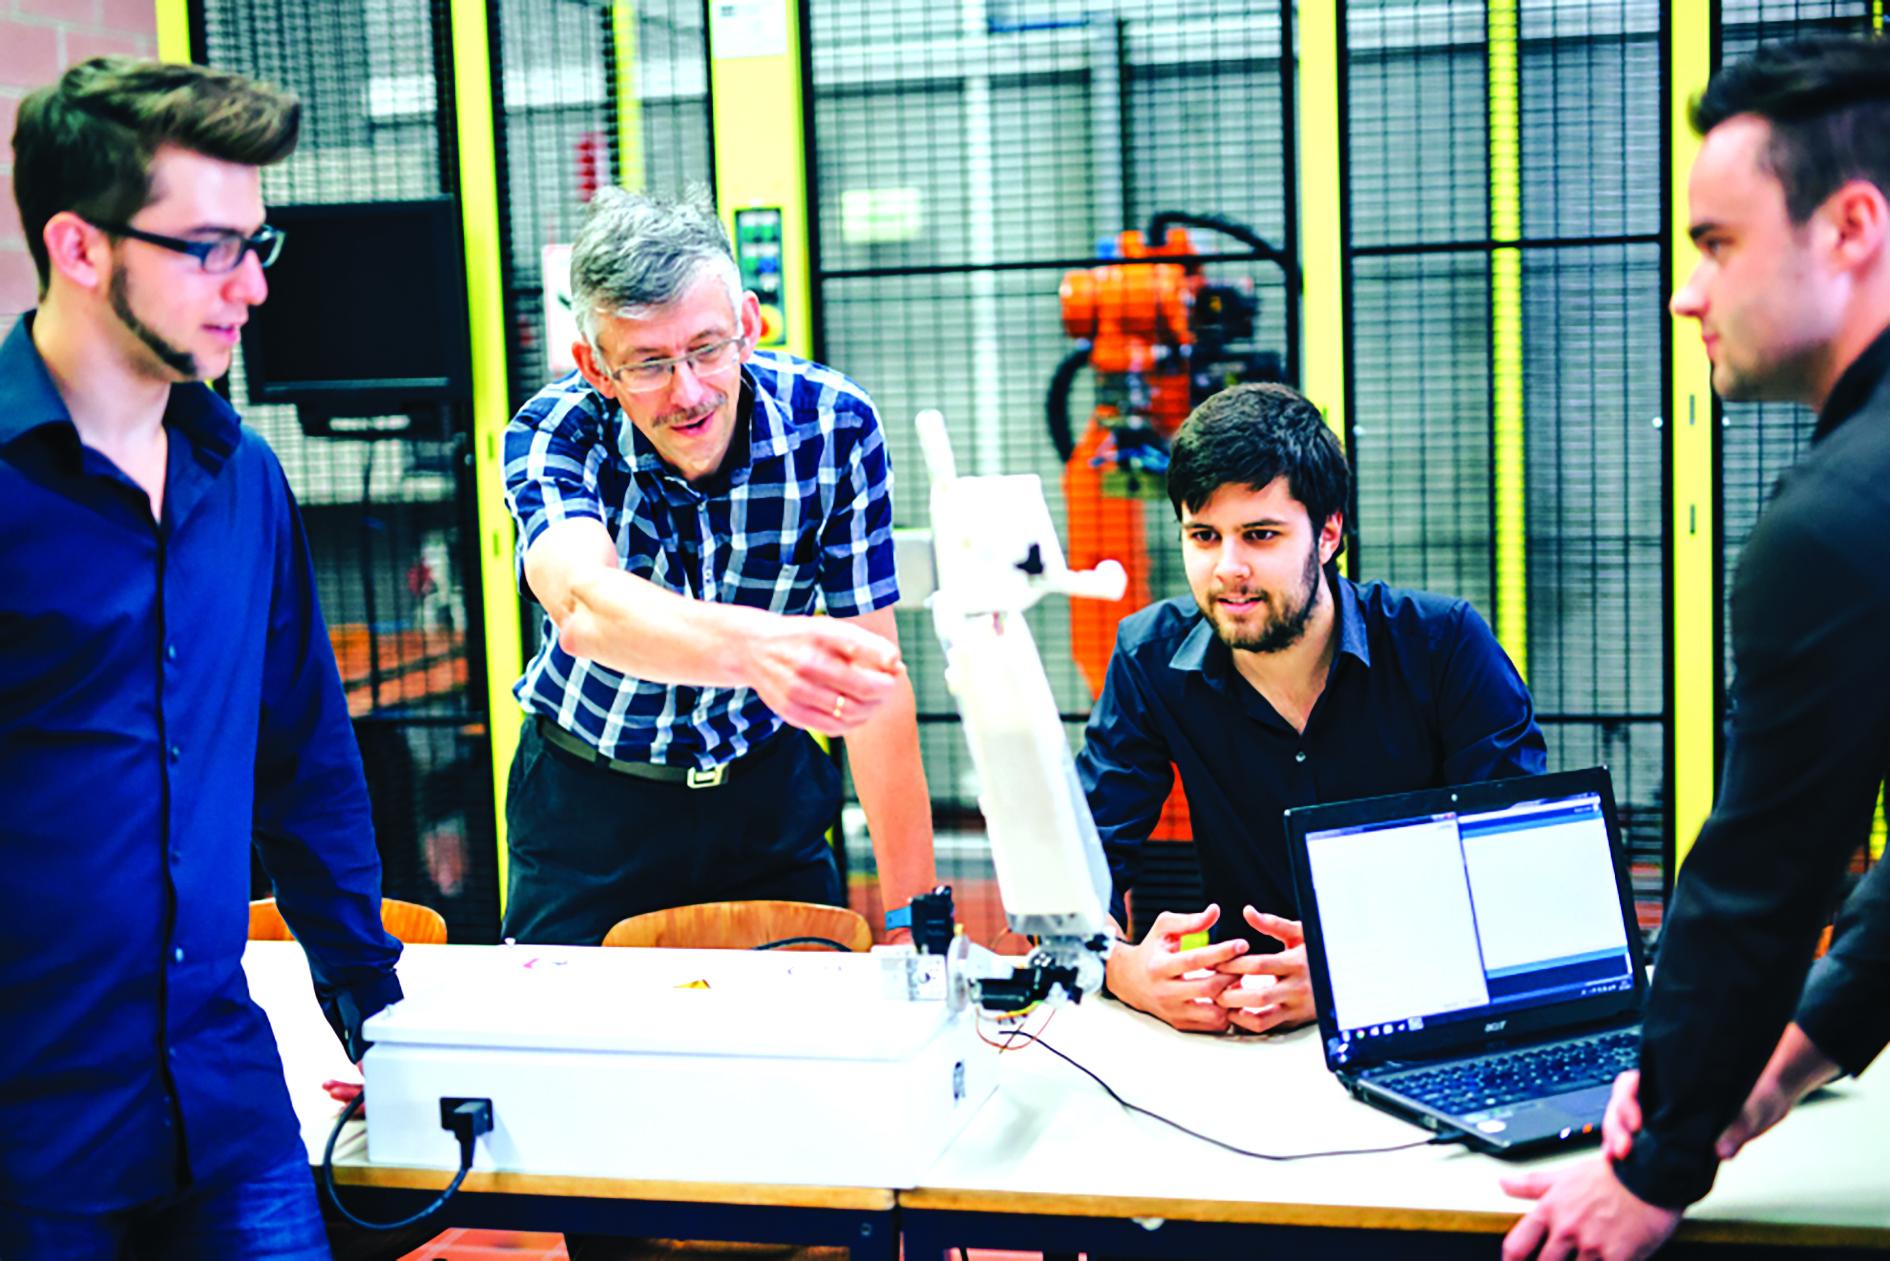 Robot Aslan có thể giúp khoảng 70 triệu người điếc hoặc lãng tai trên thế giới giao tiếp với những người không biết ngôn ngữ ký hiệu. Ảnh: Đại học Antwerp.